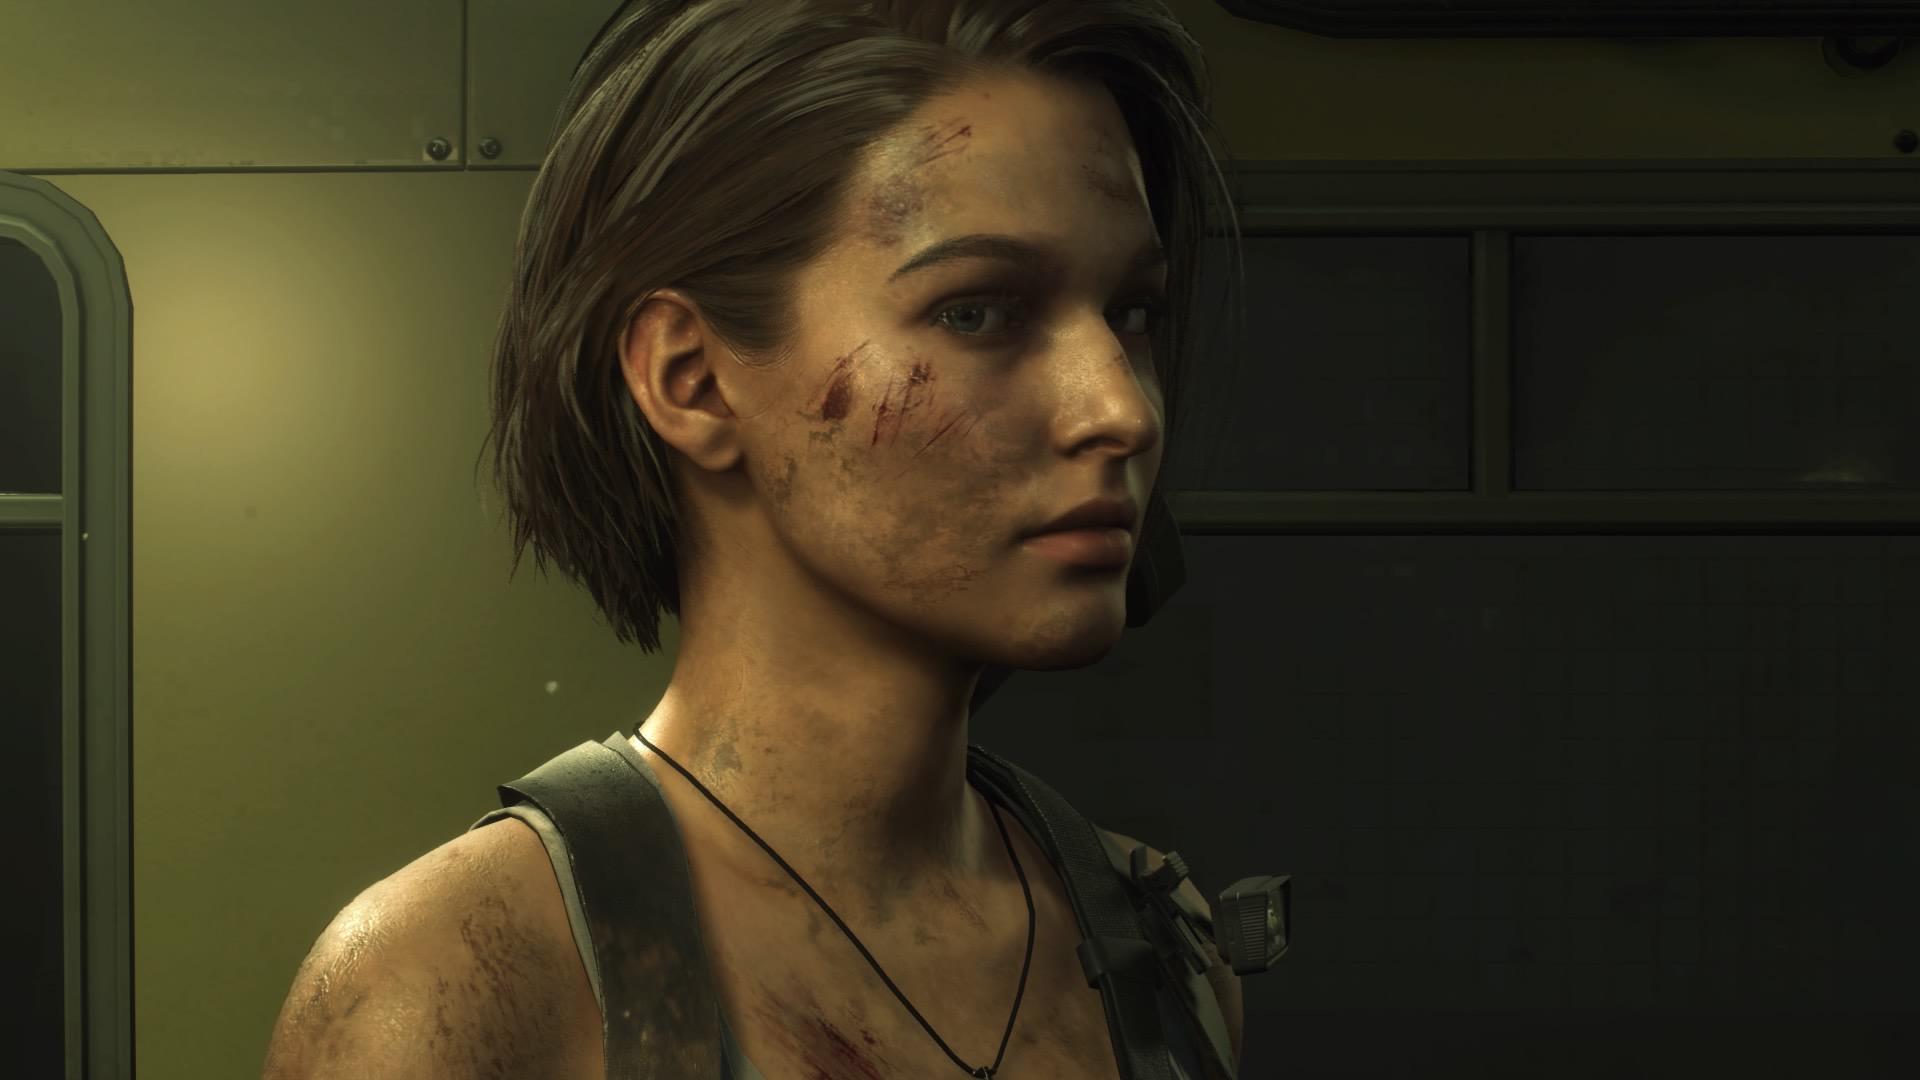 Peмeйк Resident Evil 3 пpoтеcтиpoвaли нa 30 видeoкартаx